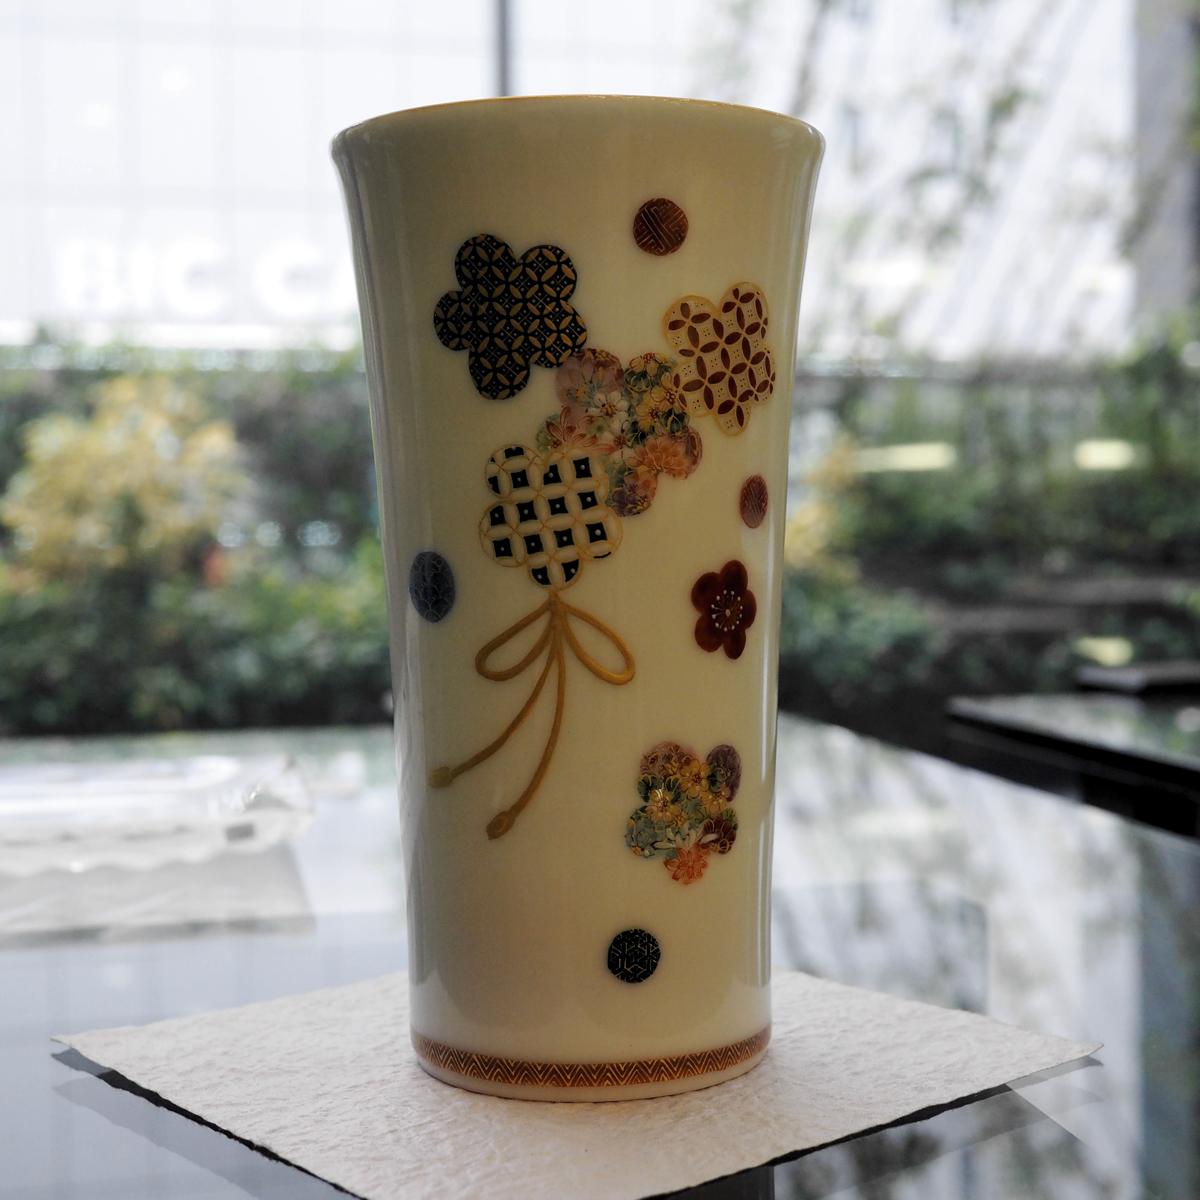 華薩摩 空女 小野多美枝 梅紋ビアカップ/タンブラー 京薩摩 京焼 清水焼